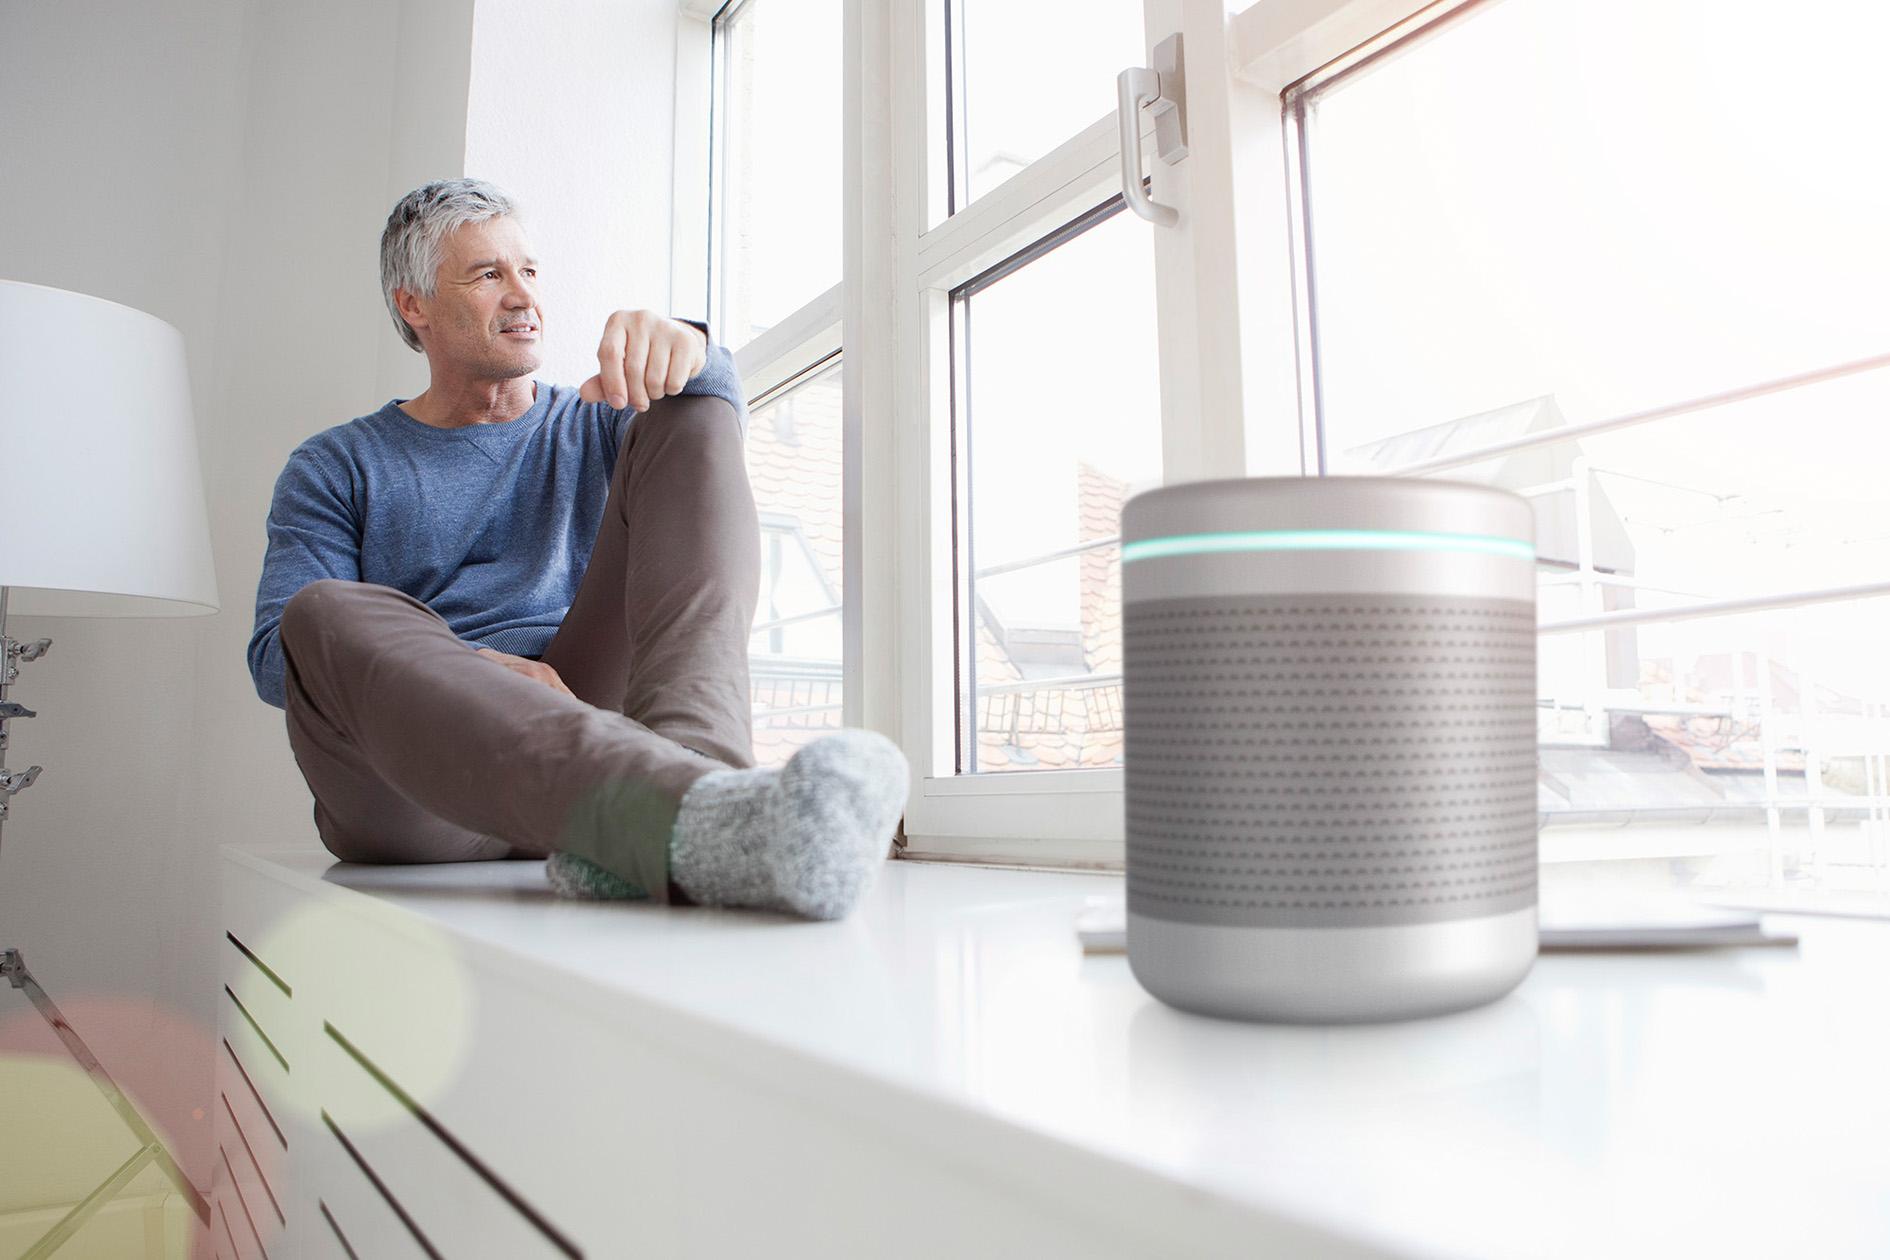 Infineon setzt auf sprachgesteuerte Mensch-Maschinen-Interaktion